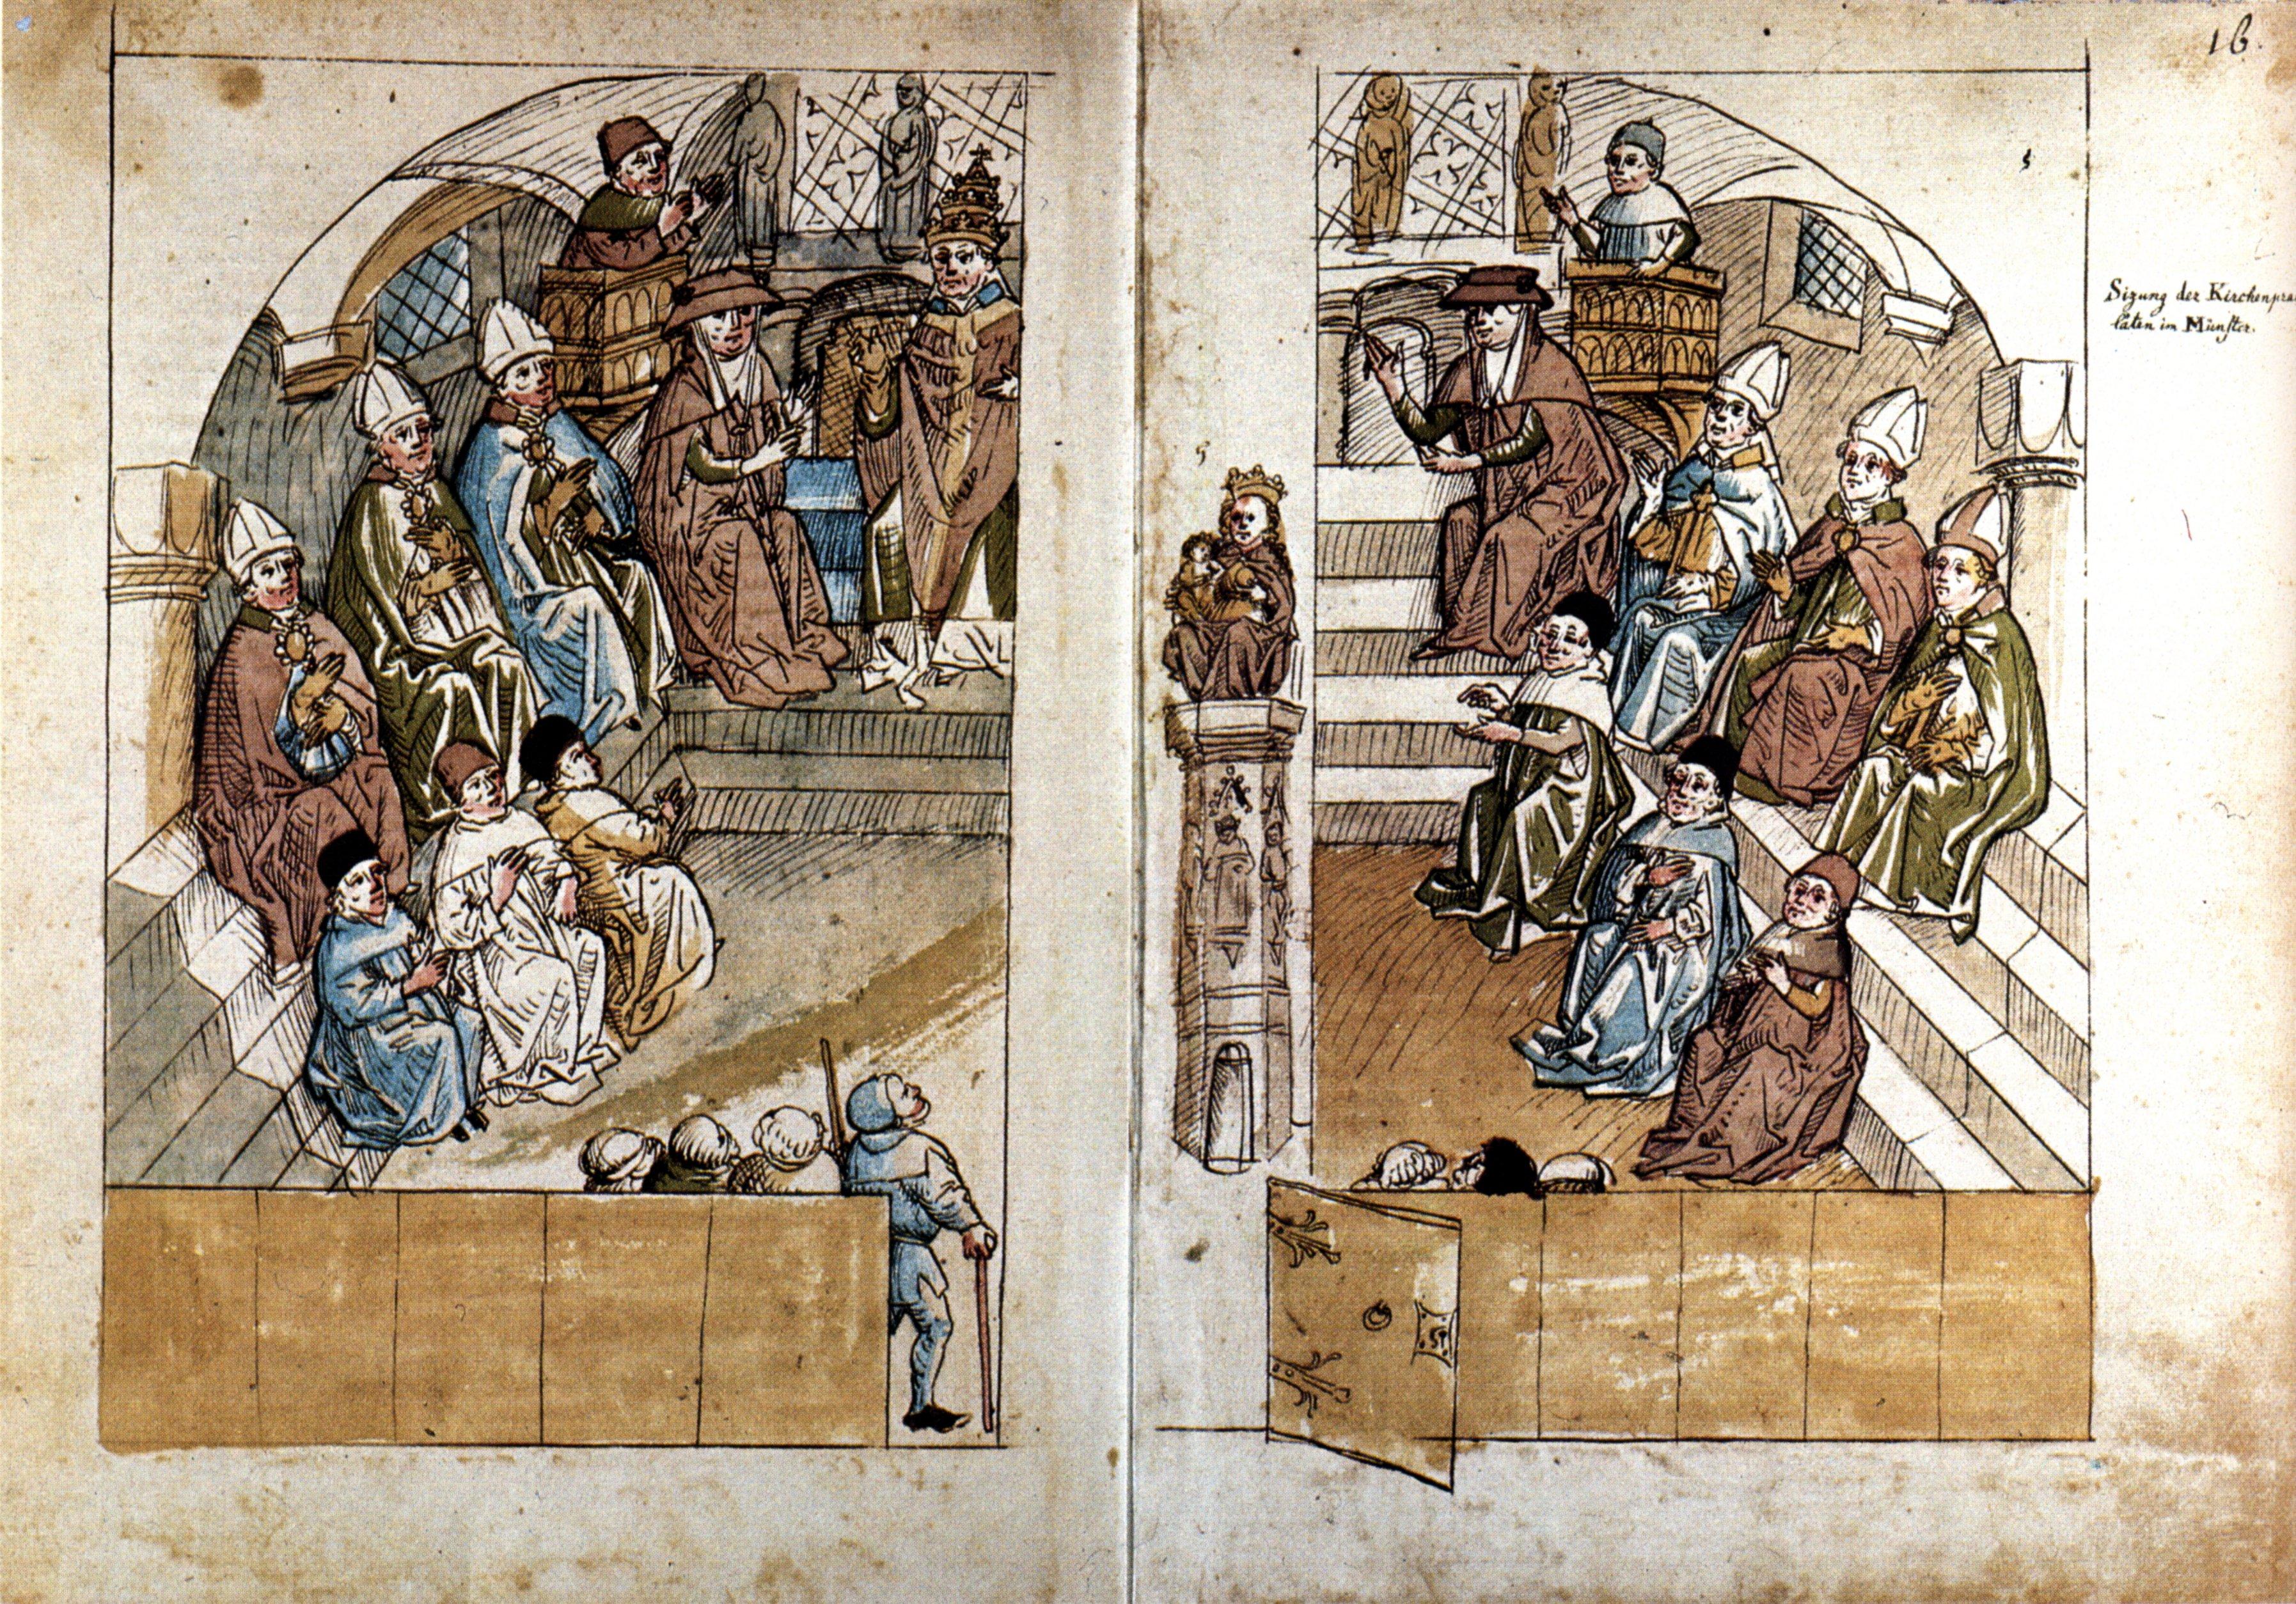 Konzilssitzung im Münster. Aus Ulrich Richental, Chronik des Konzils von Konstanz